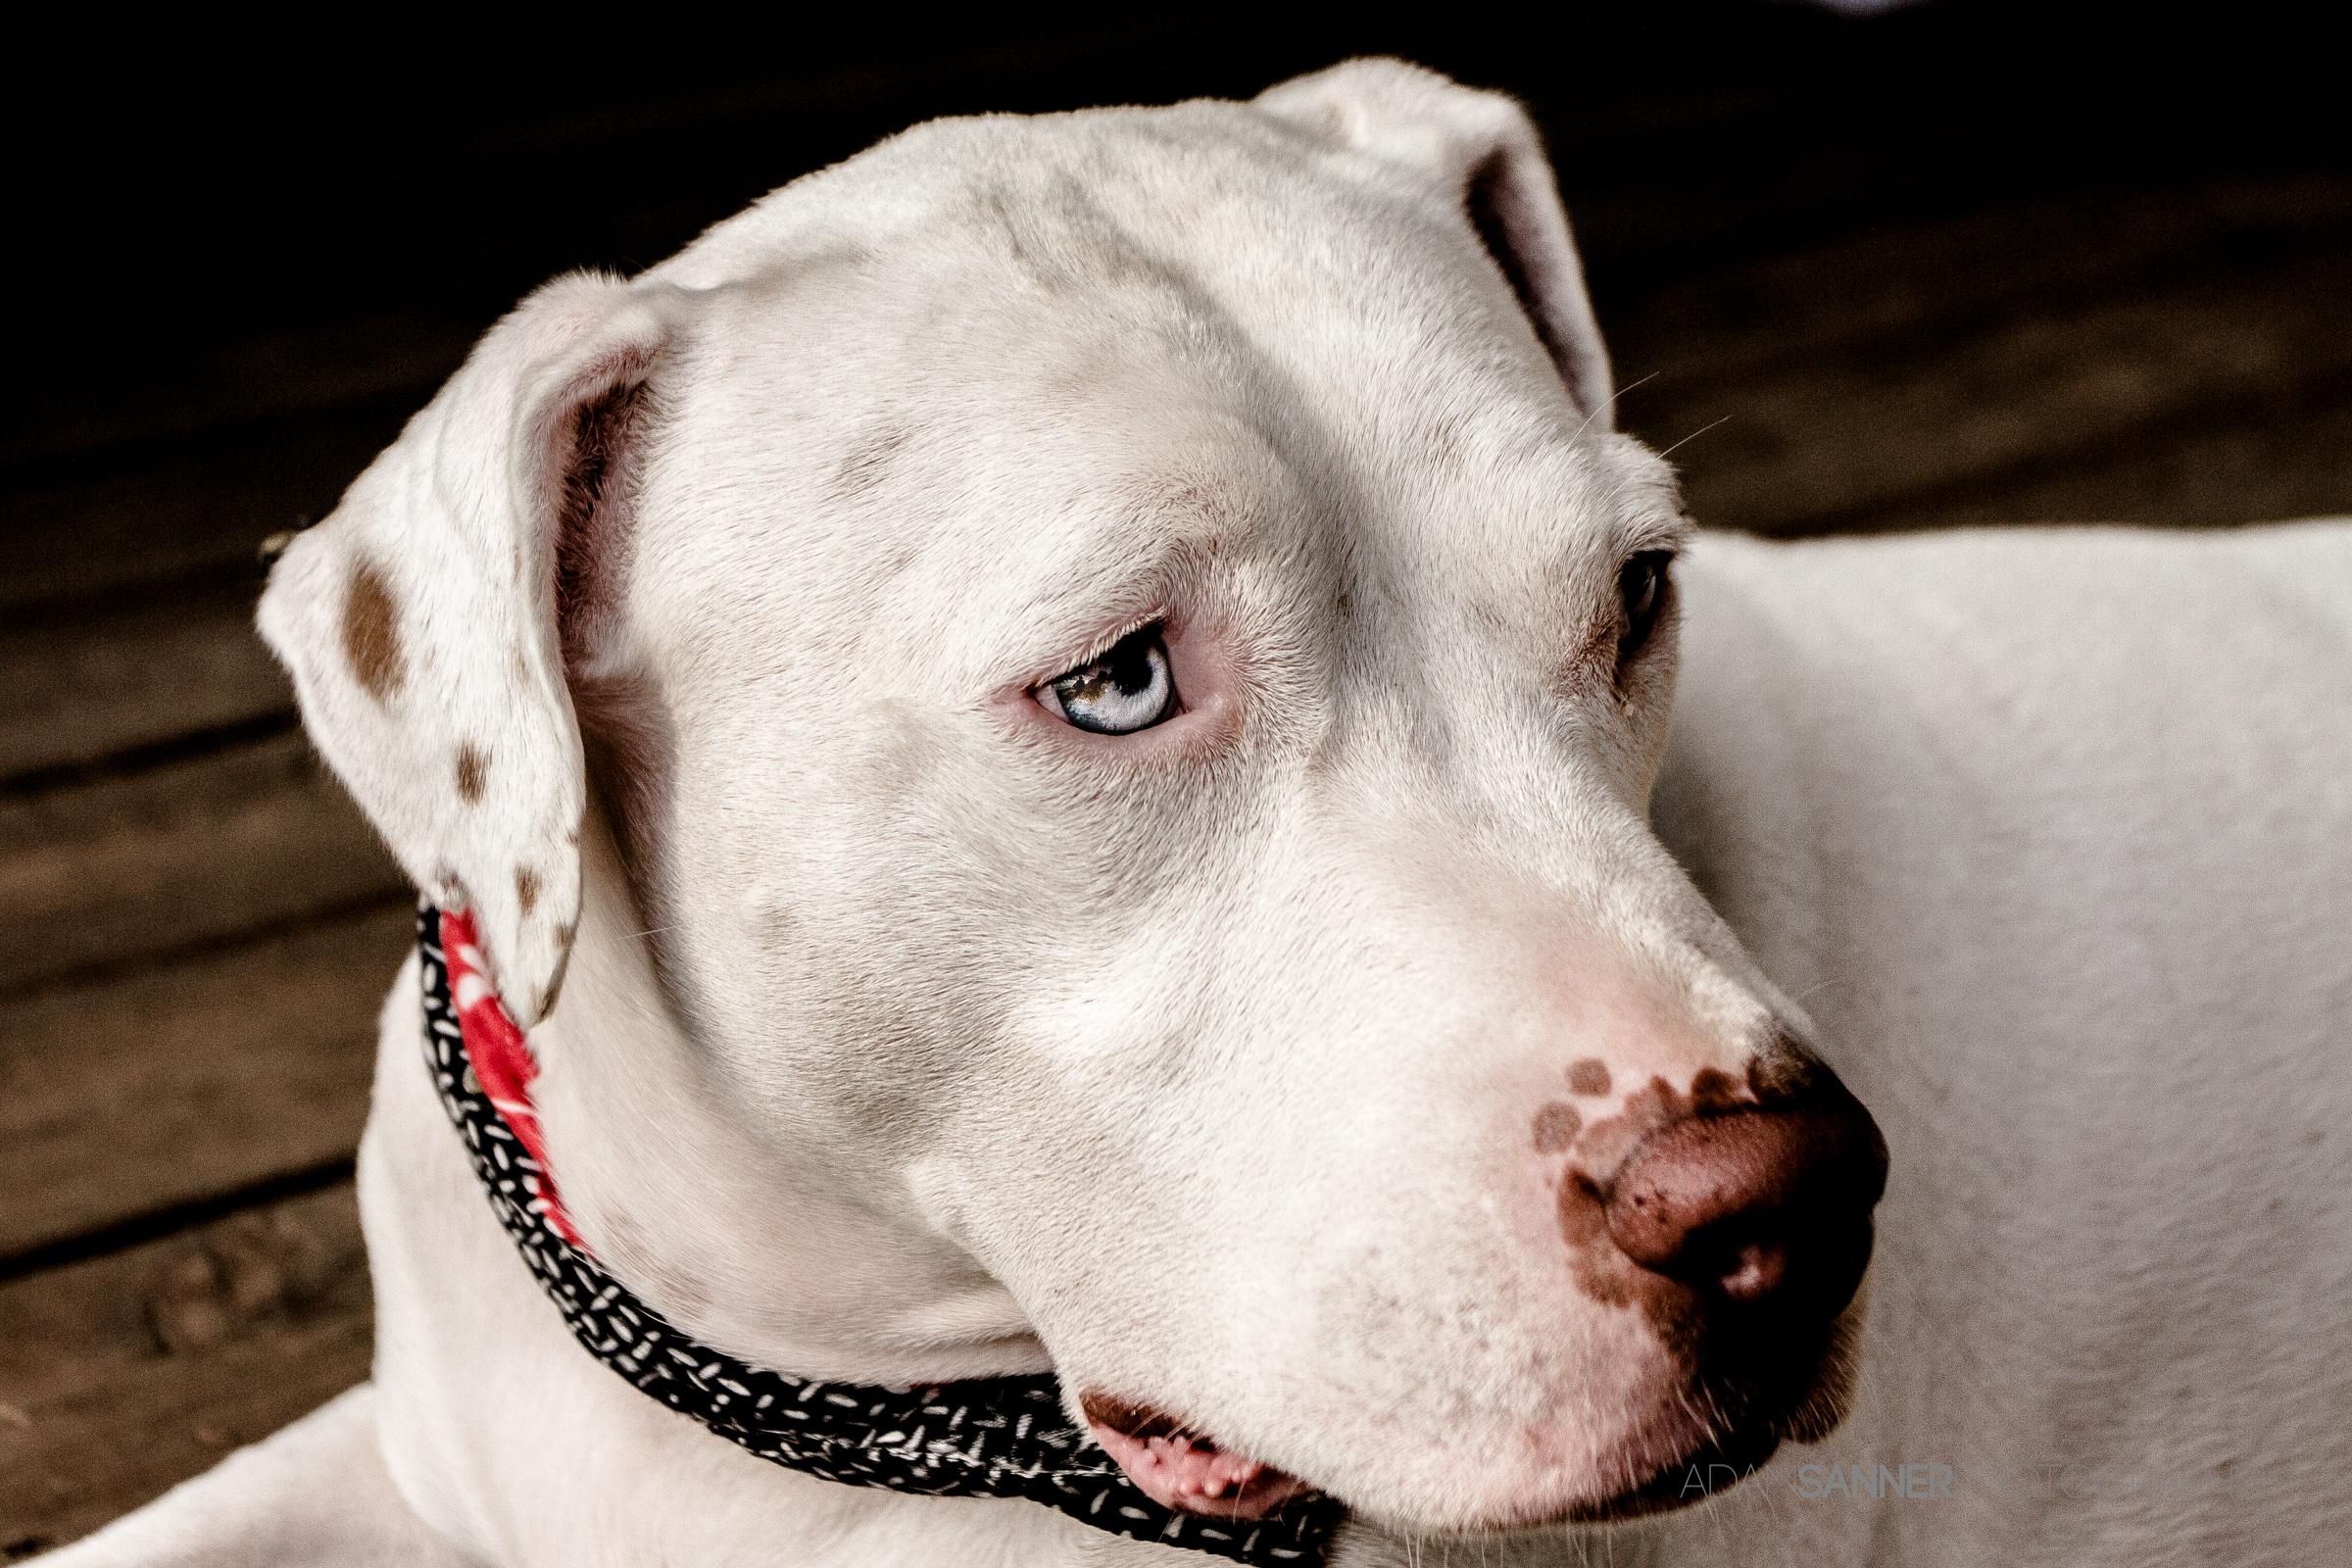 Dog (1 of 1)